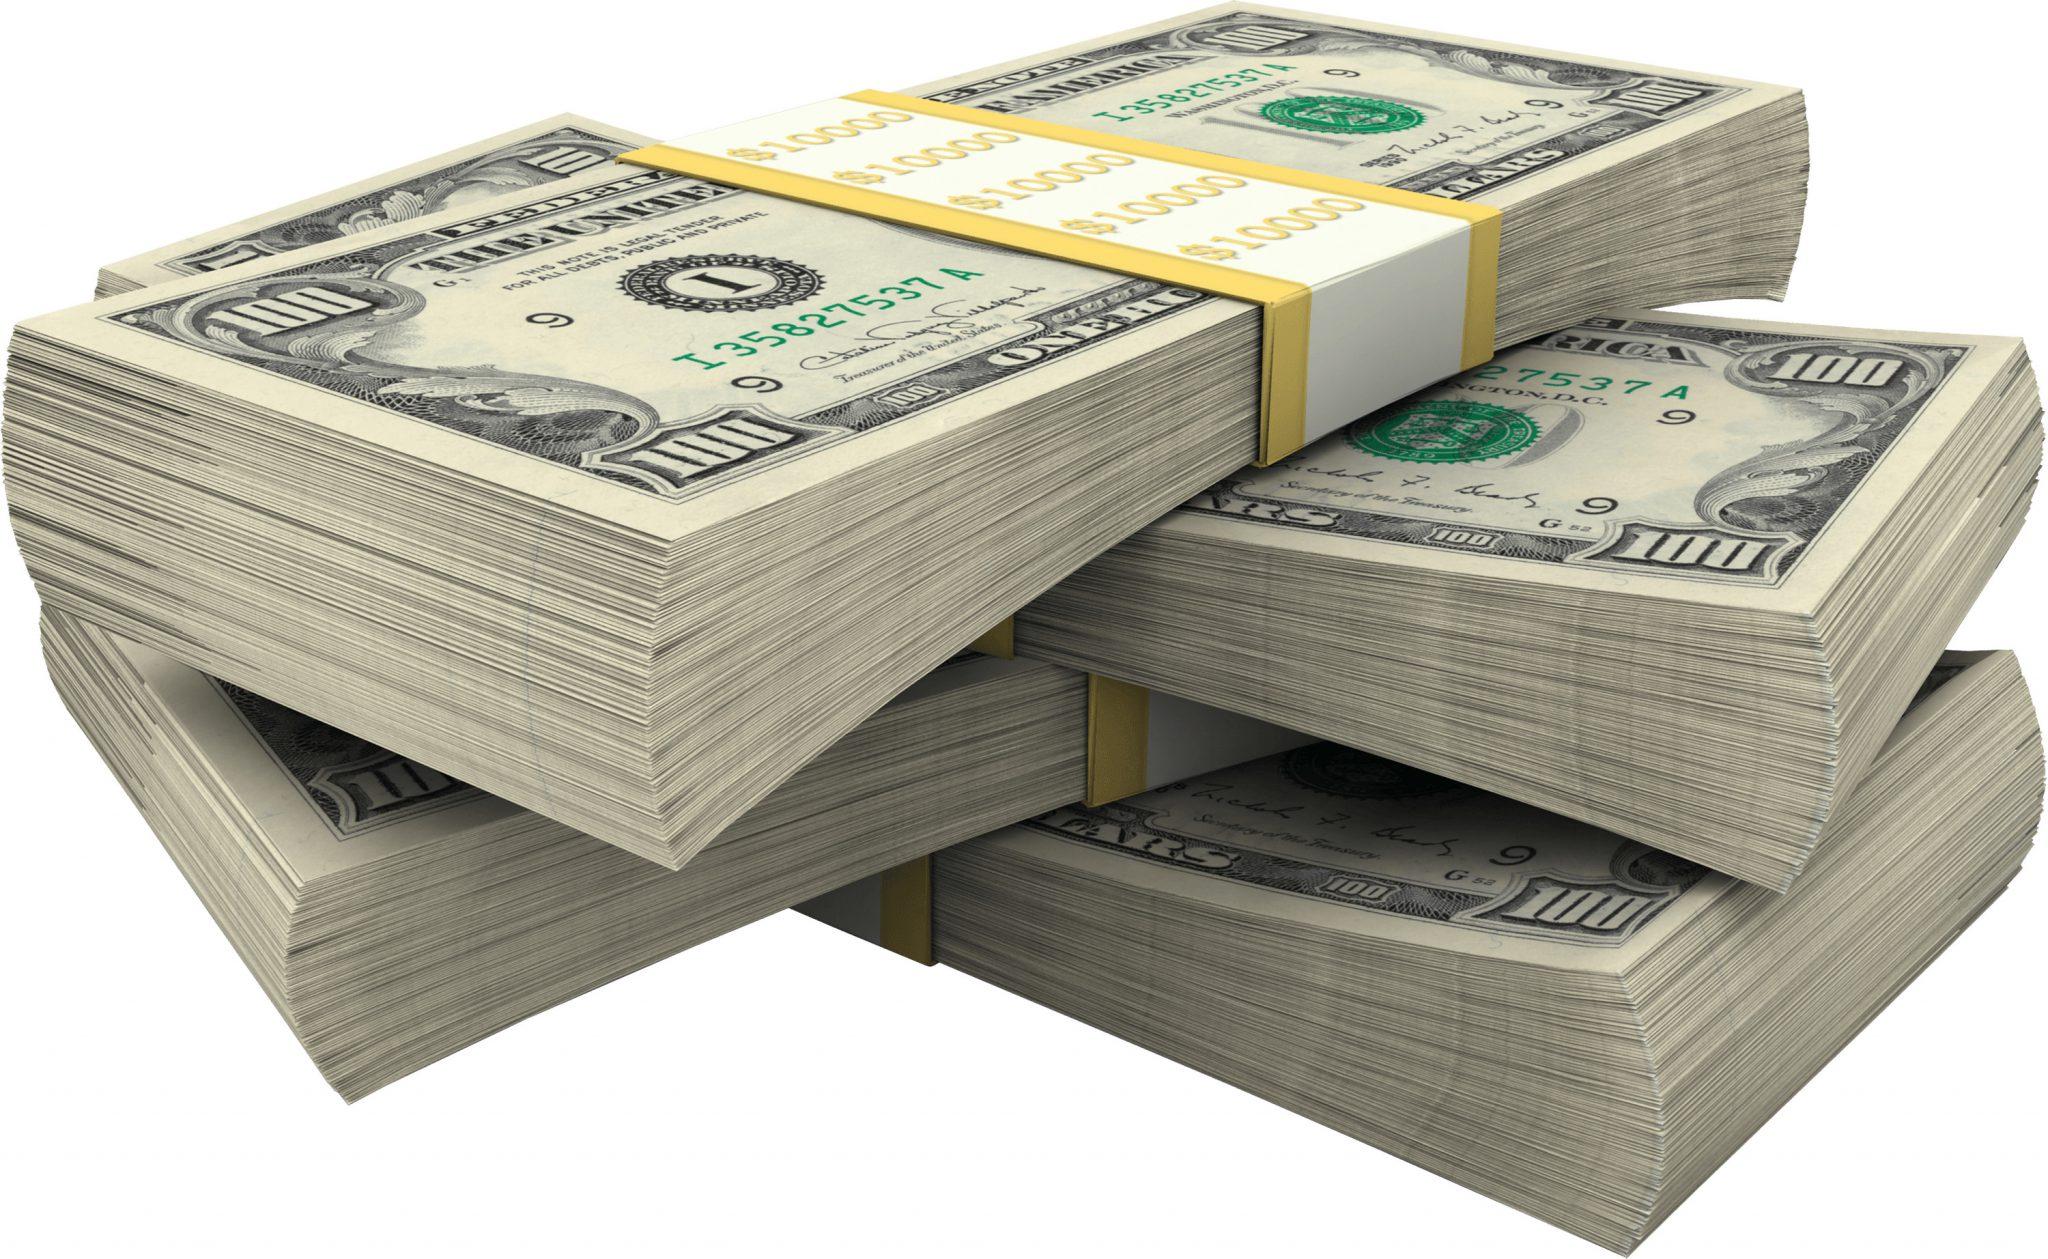 four stacks of hundred dollar bills